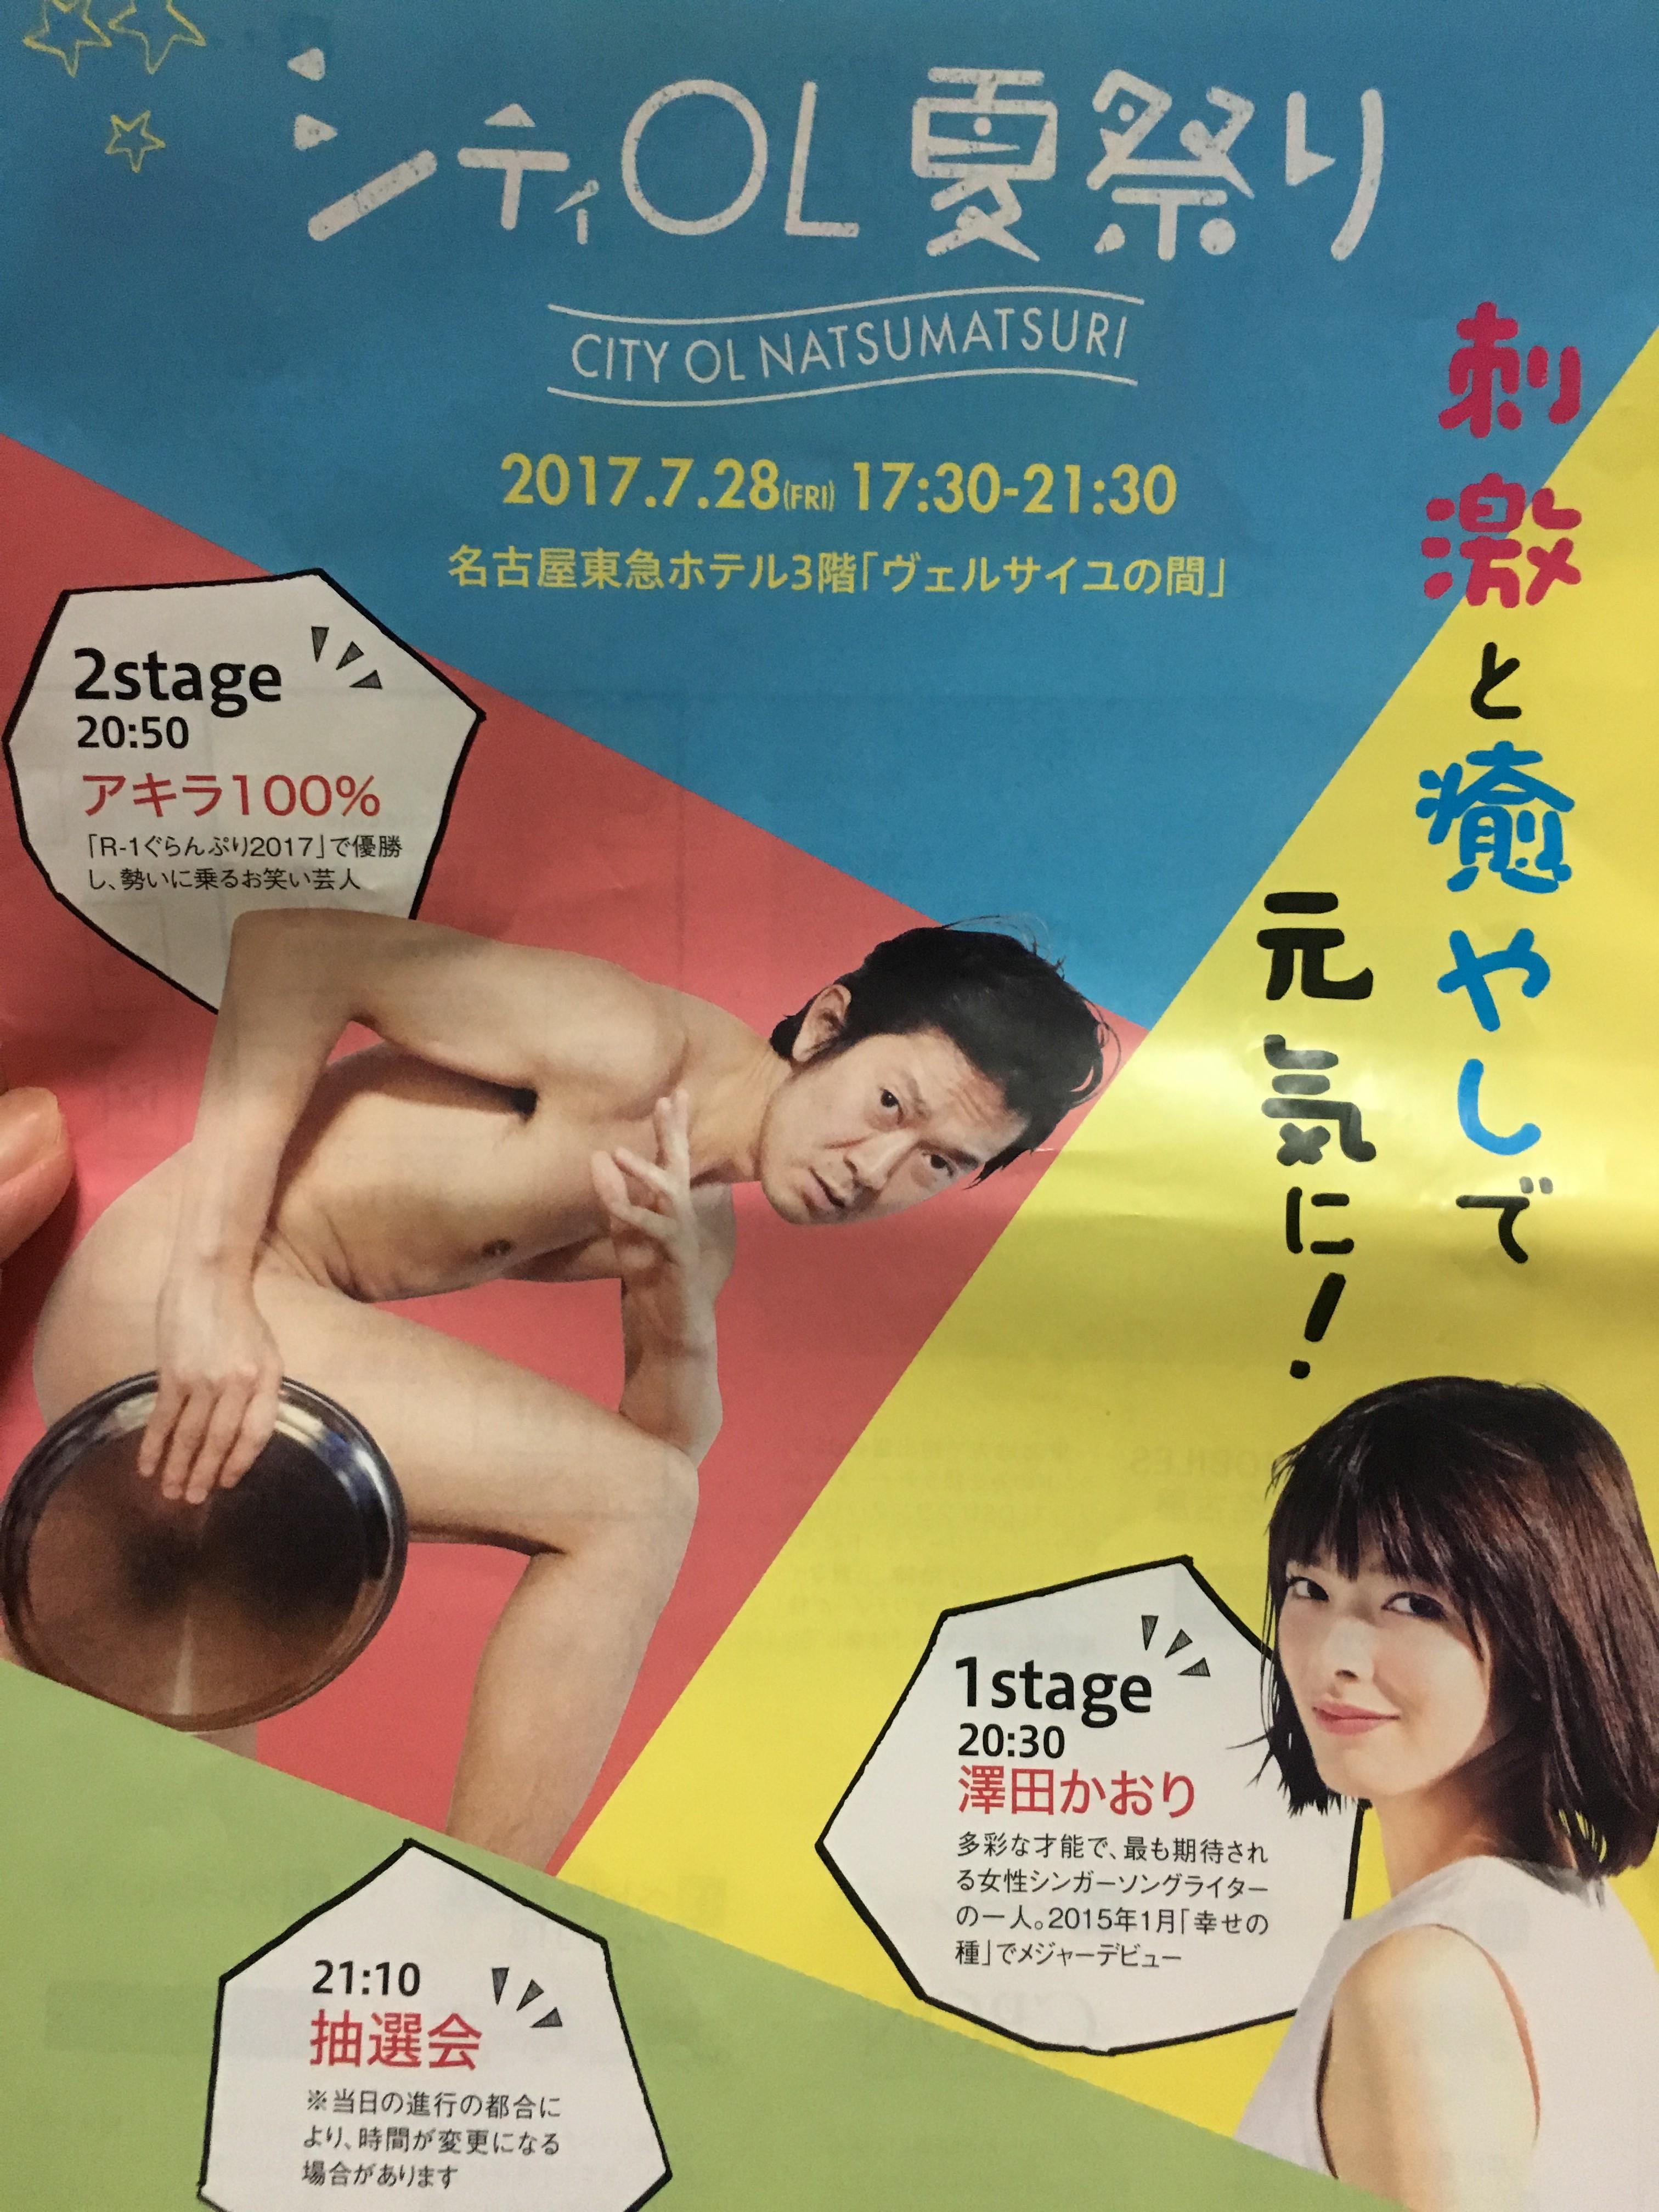 シティリビング名古屋★シティOL夏祭り2017★参加レポ